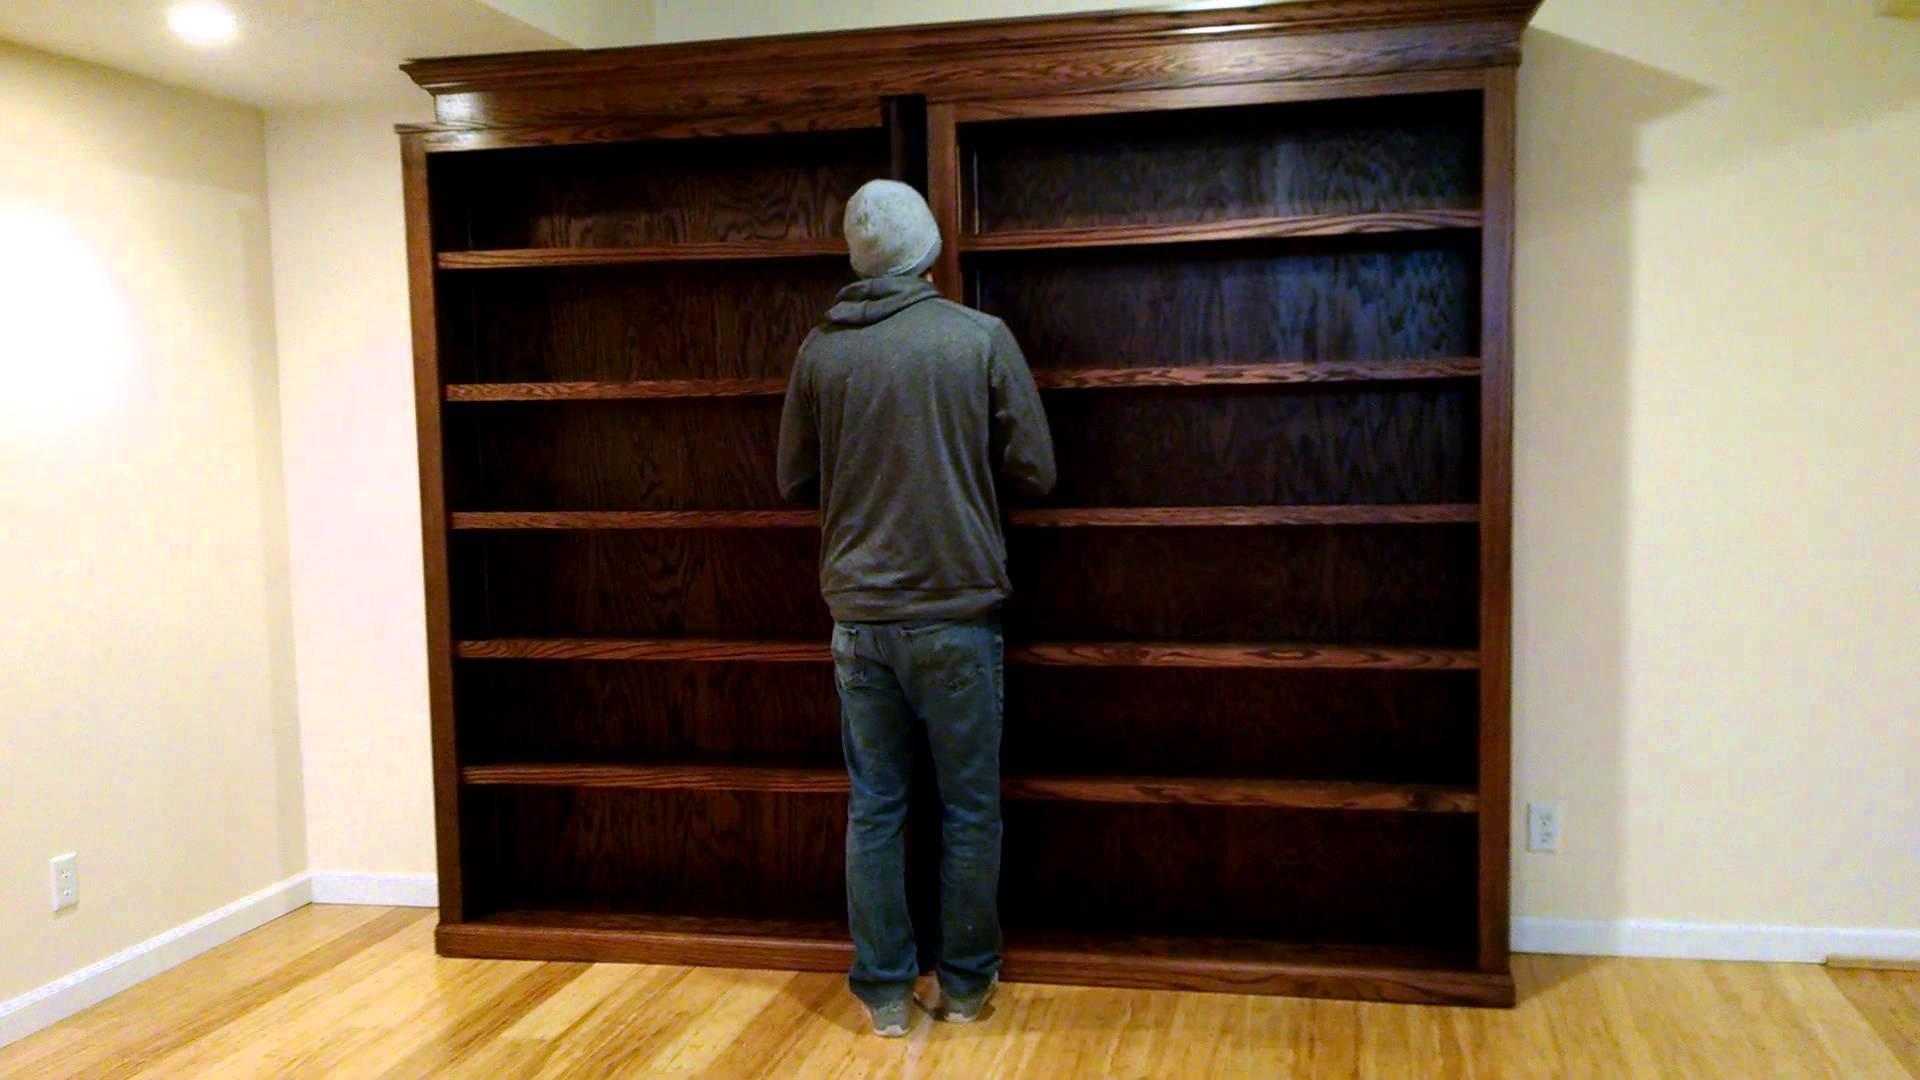 Hidden Door Bookcases With Well Known Sliding Bookcase/hidden Door – Youtube (View 3 of 15)